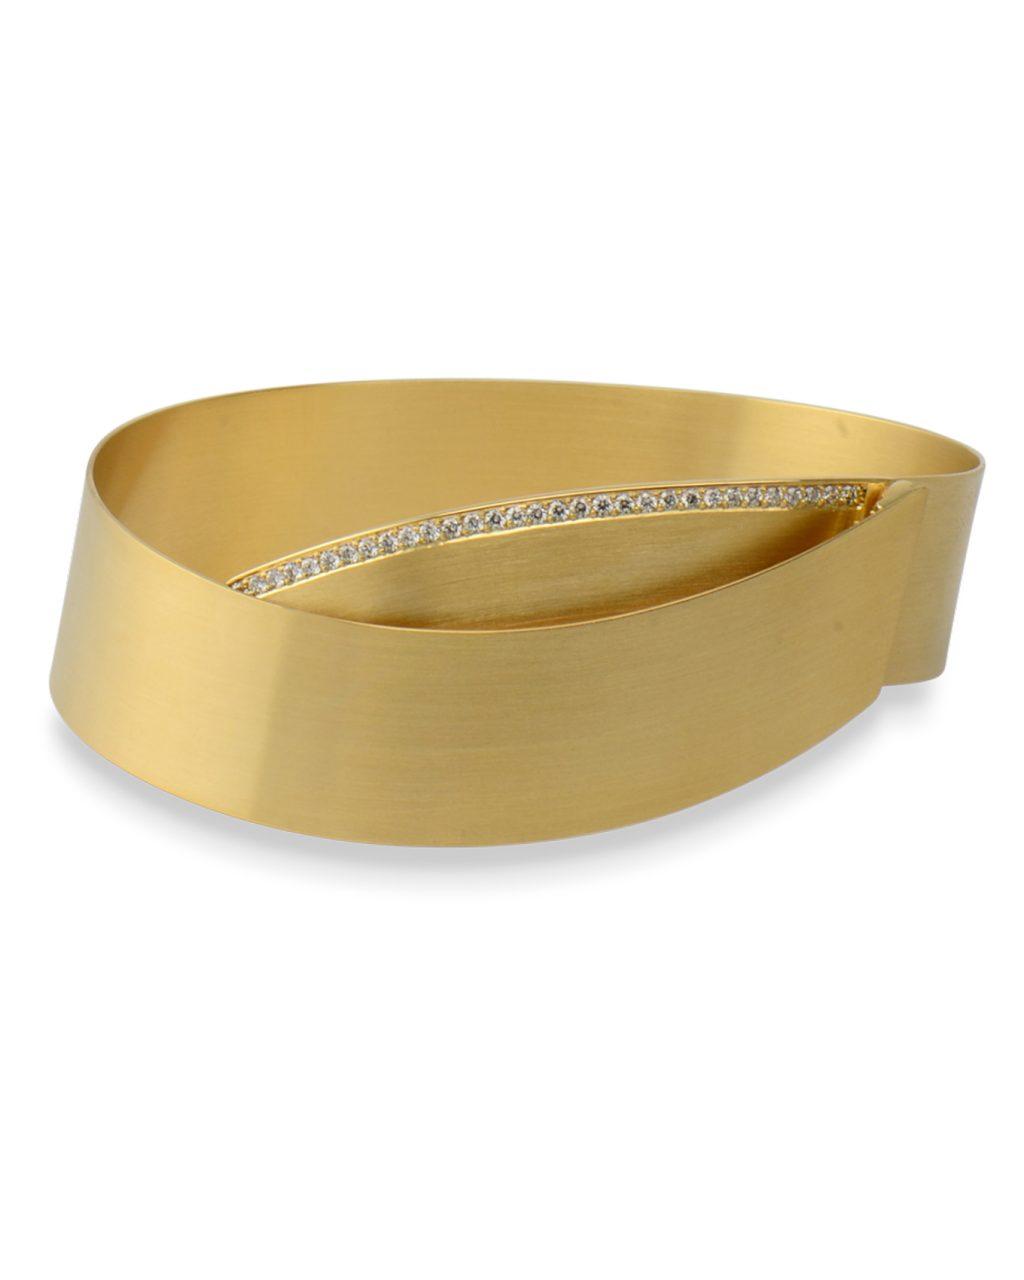 Bracelet designed by Sabine Brandenburg-Frank